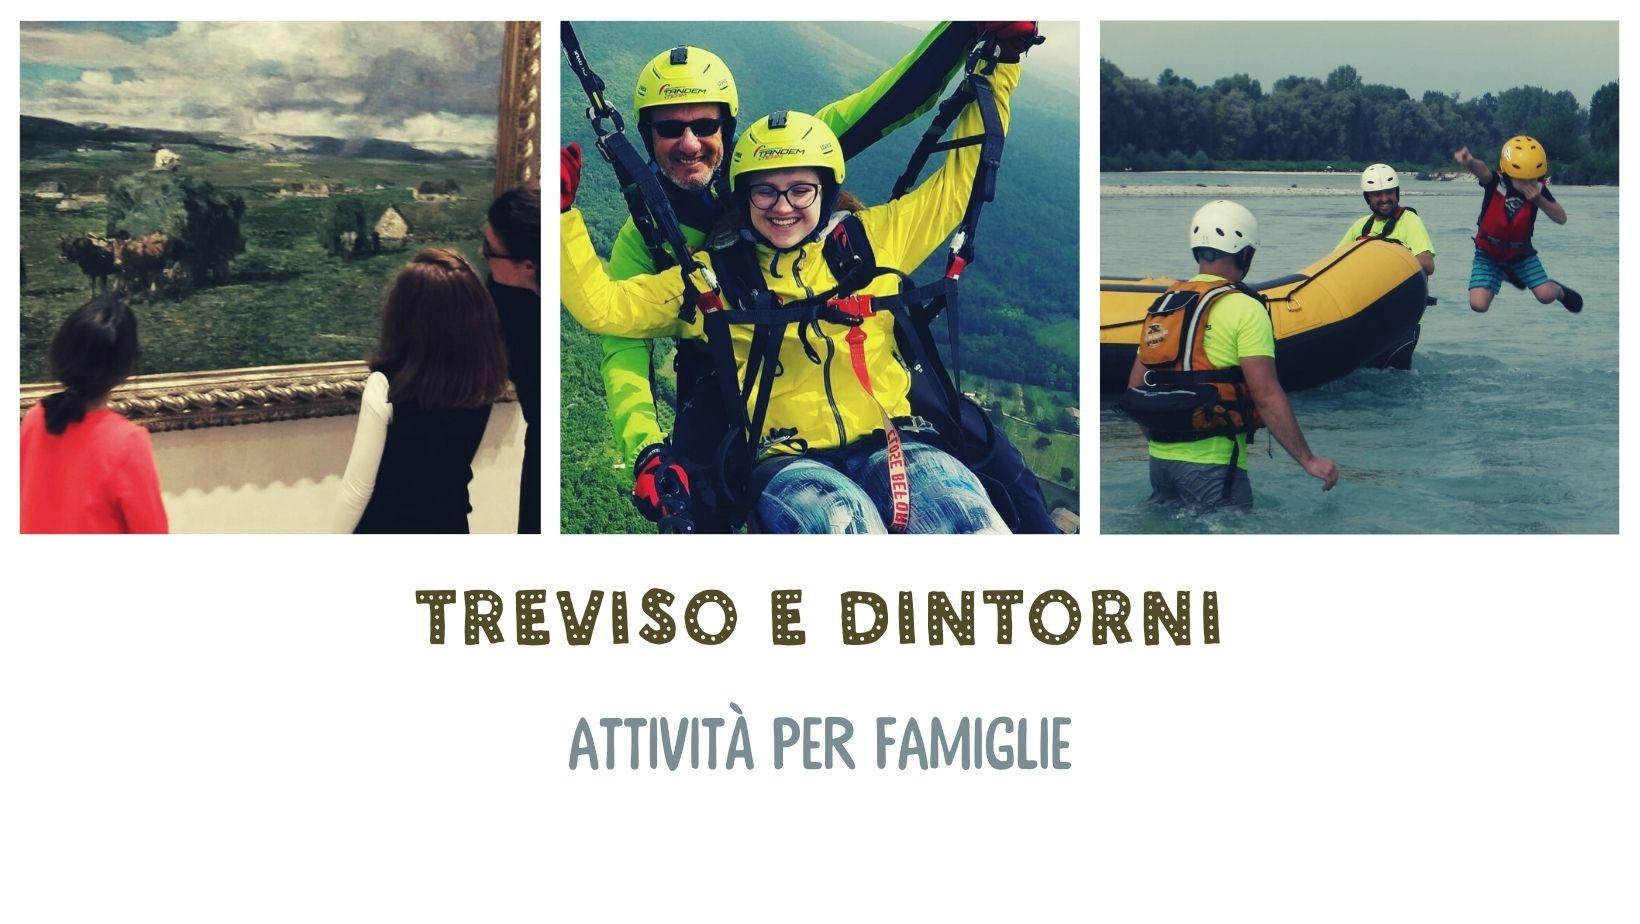 Treviso e dintorni attività famiglie